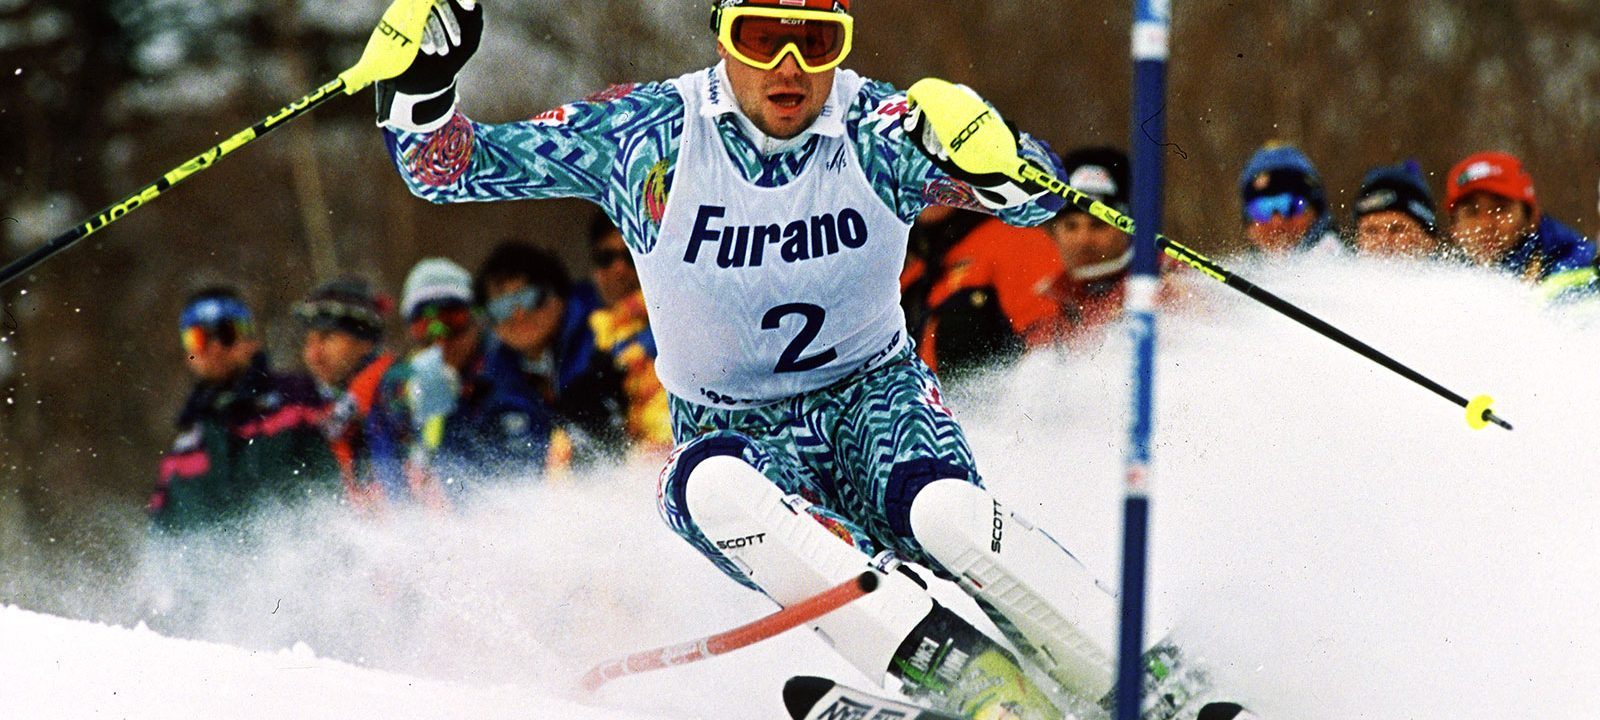 Michael Tritscher Furano 1994